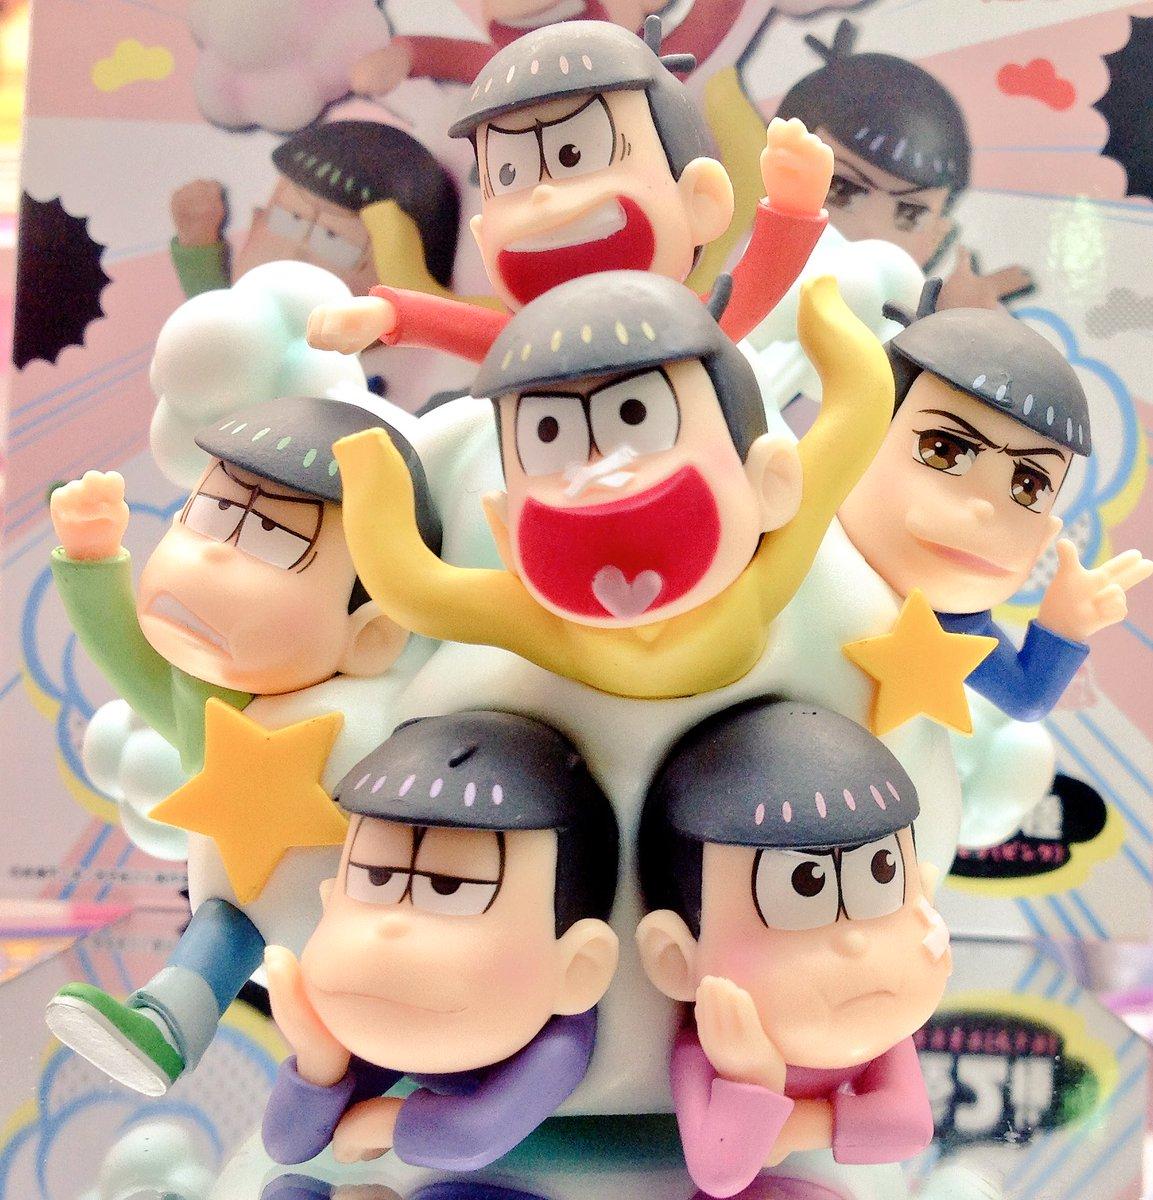 #おそ松さん  #ポカスカ松  #フィギュア皆様!!待ちに待った2期ももう少し!!さてさて、そんな皆様に可愛いフィギュア